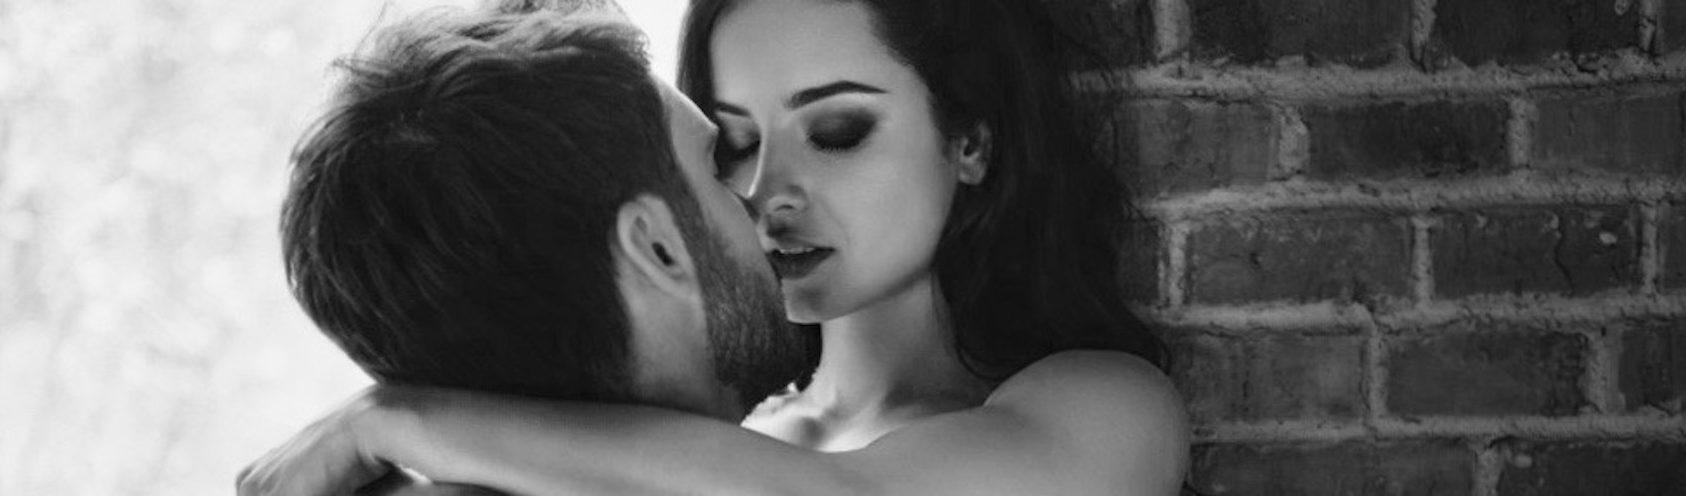 romance-romantic-gestures-acw-anne-cohen-writes